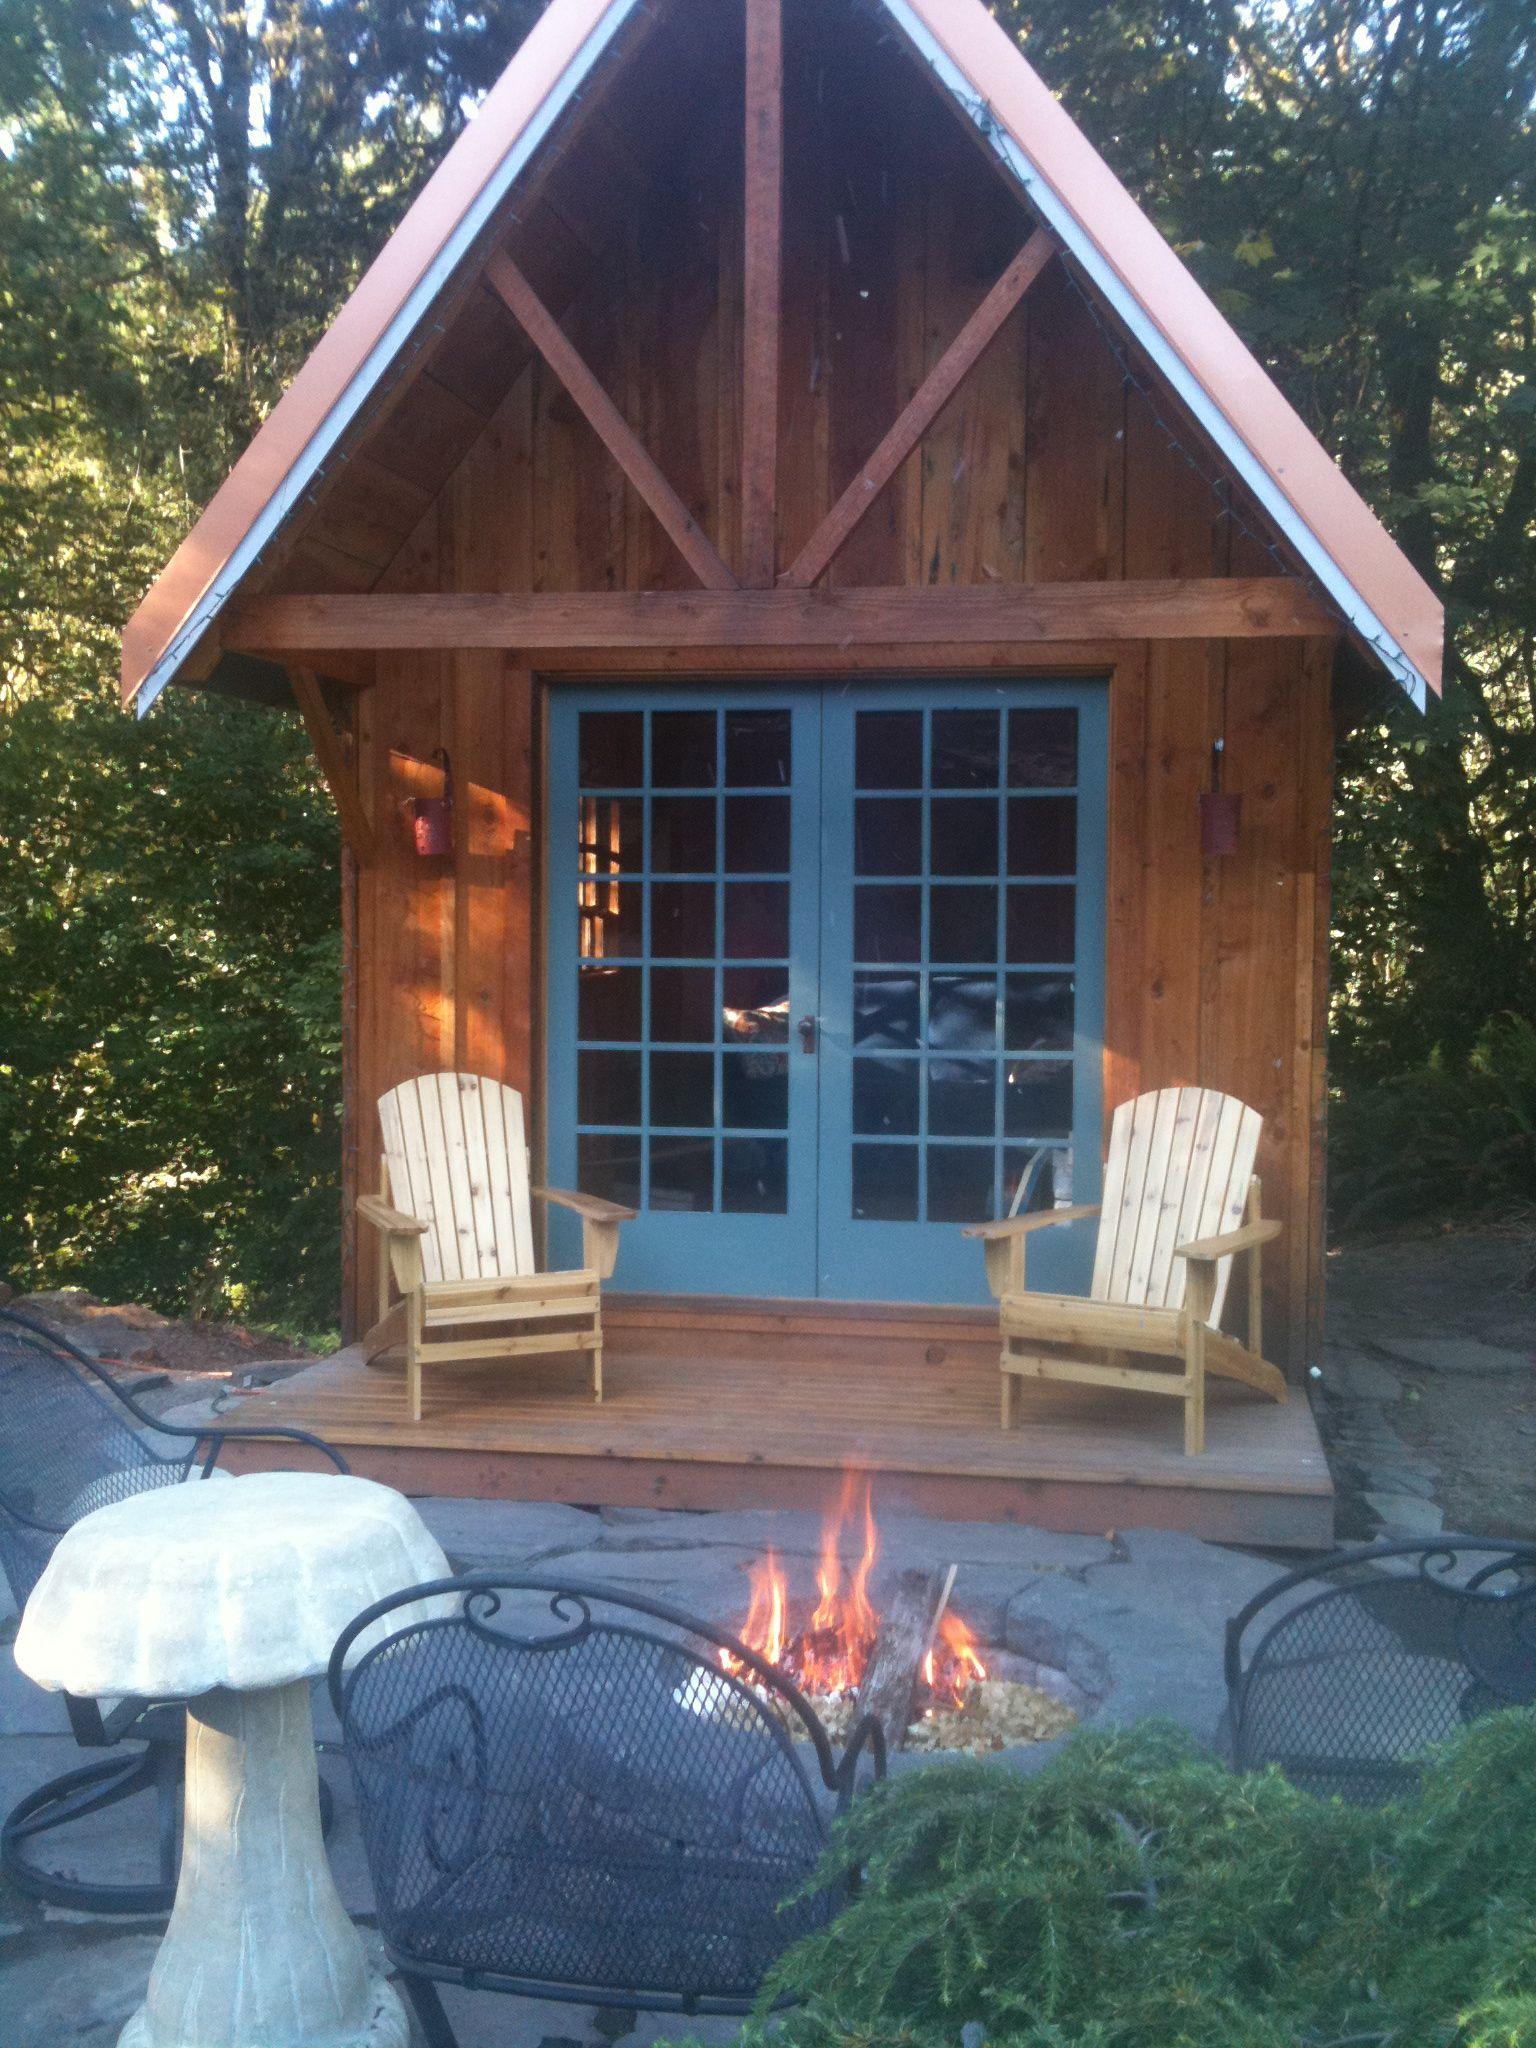 guesthousecabin thestaffordshedcom oregon - Garden Sheds Oregon